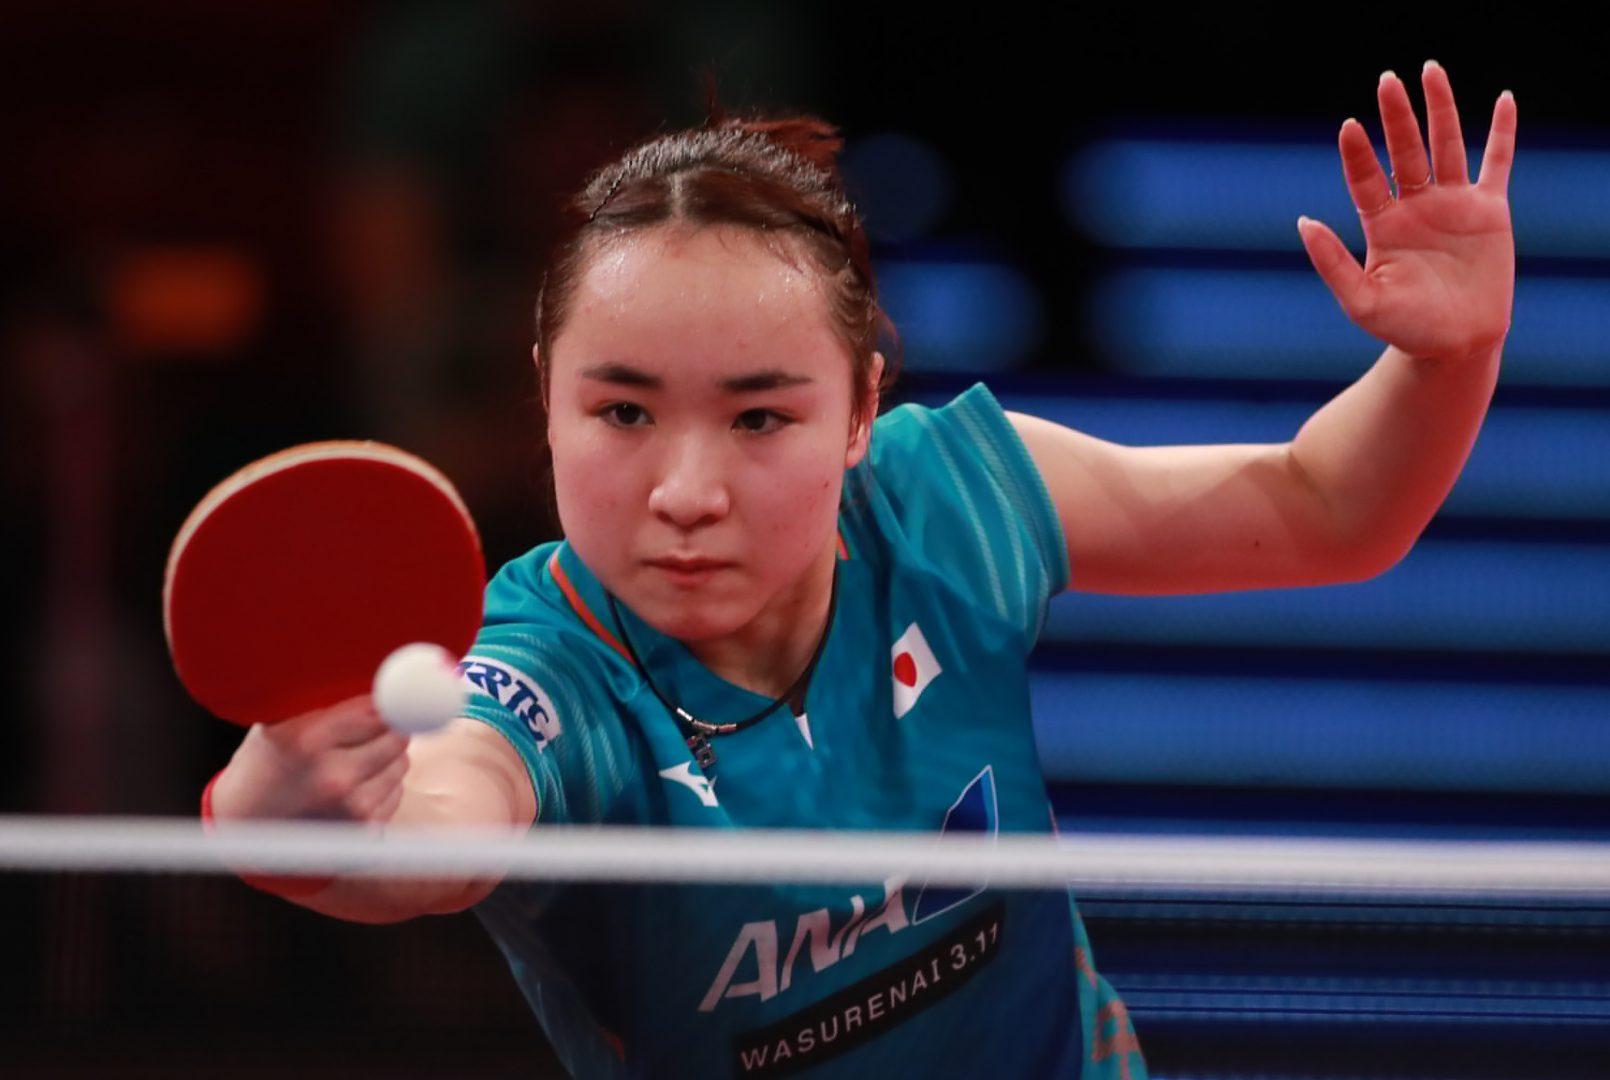 【今週の日本の卓球】伊藤美誠、ワールドツアー2大会連続準優勝 ドイツオープン全日程終了